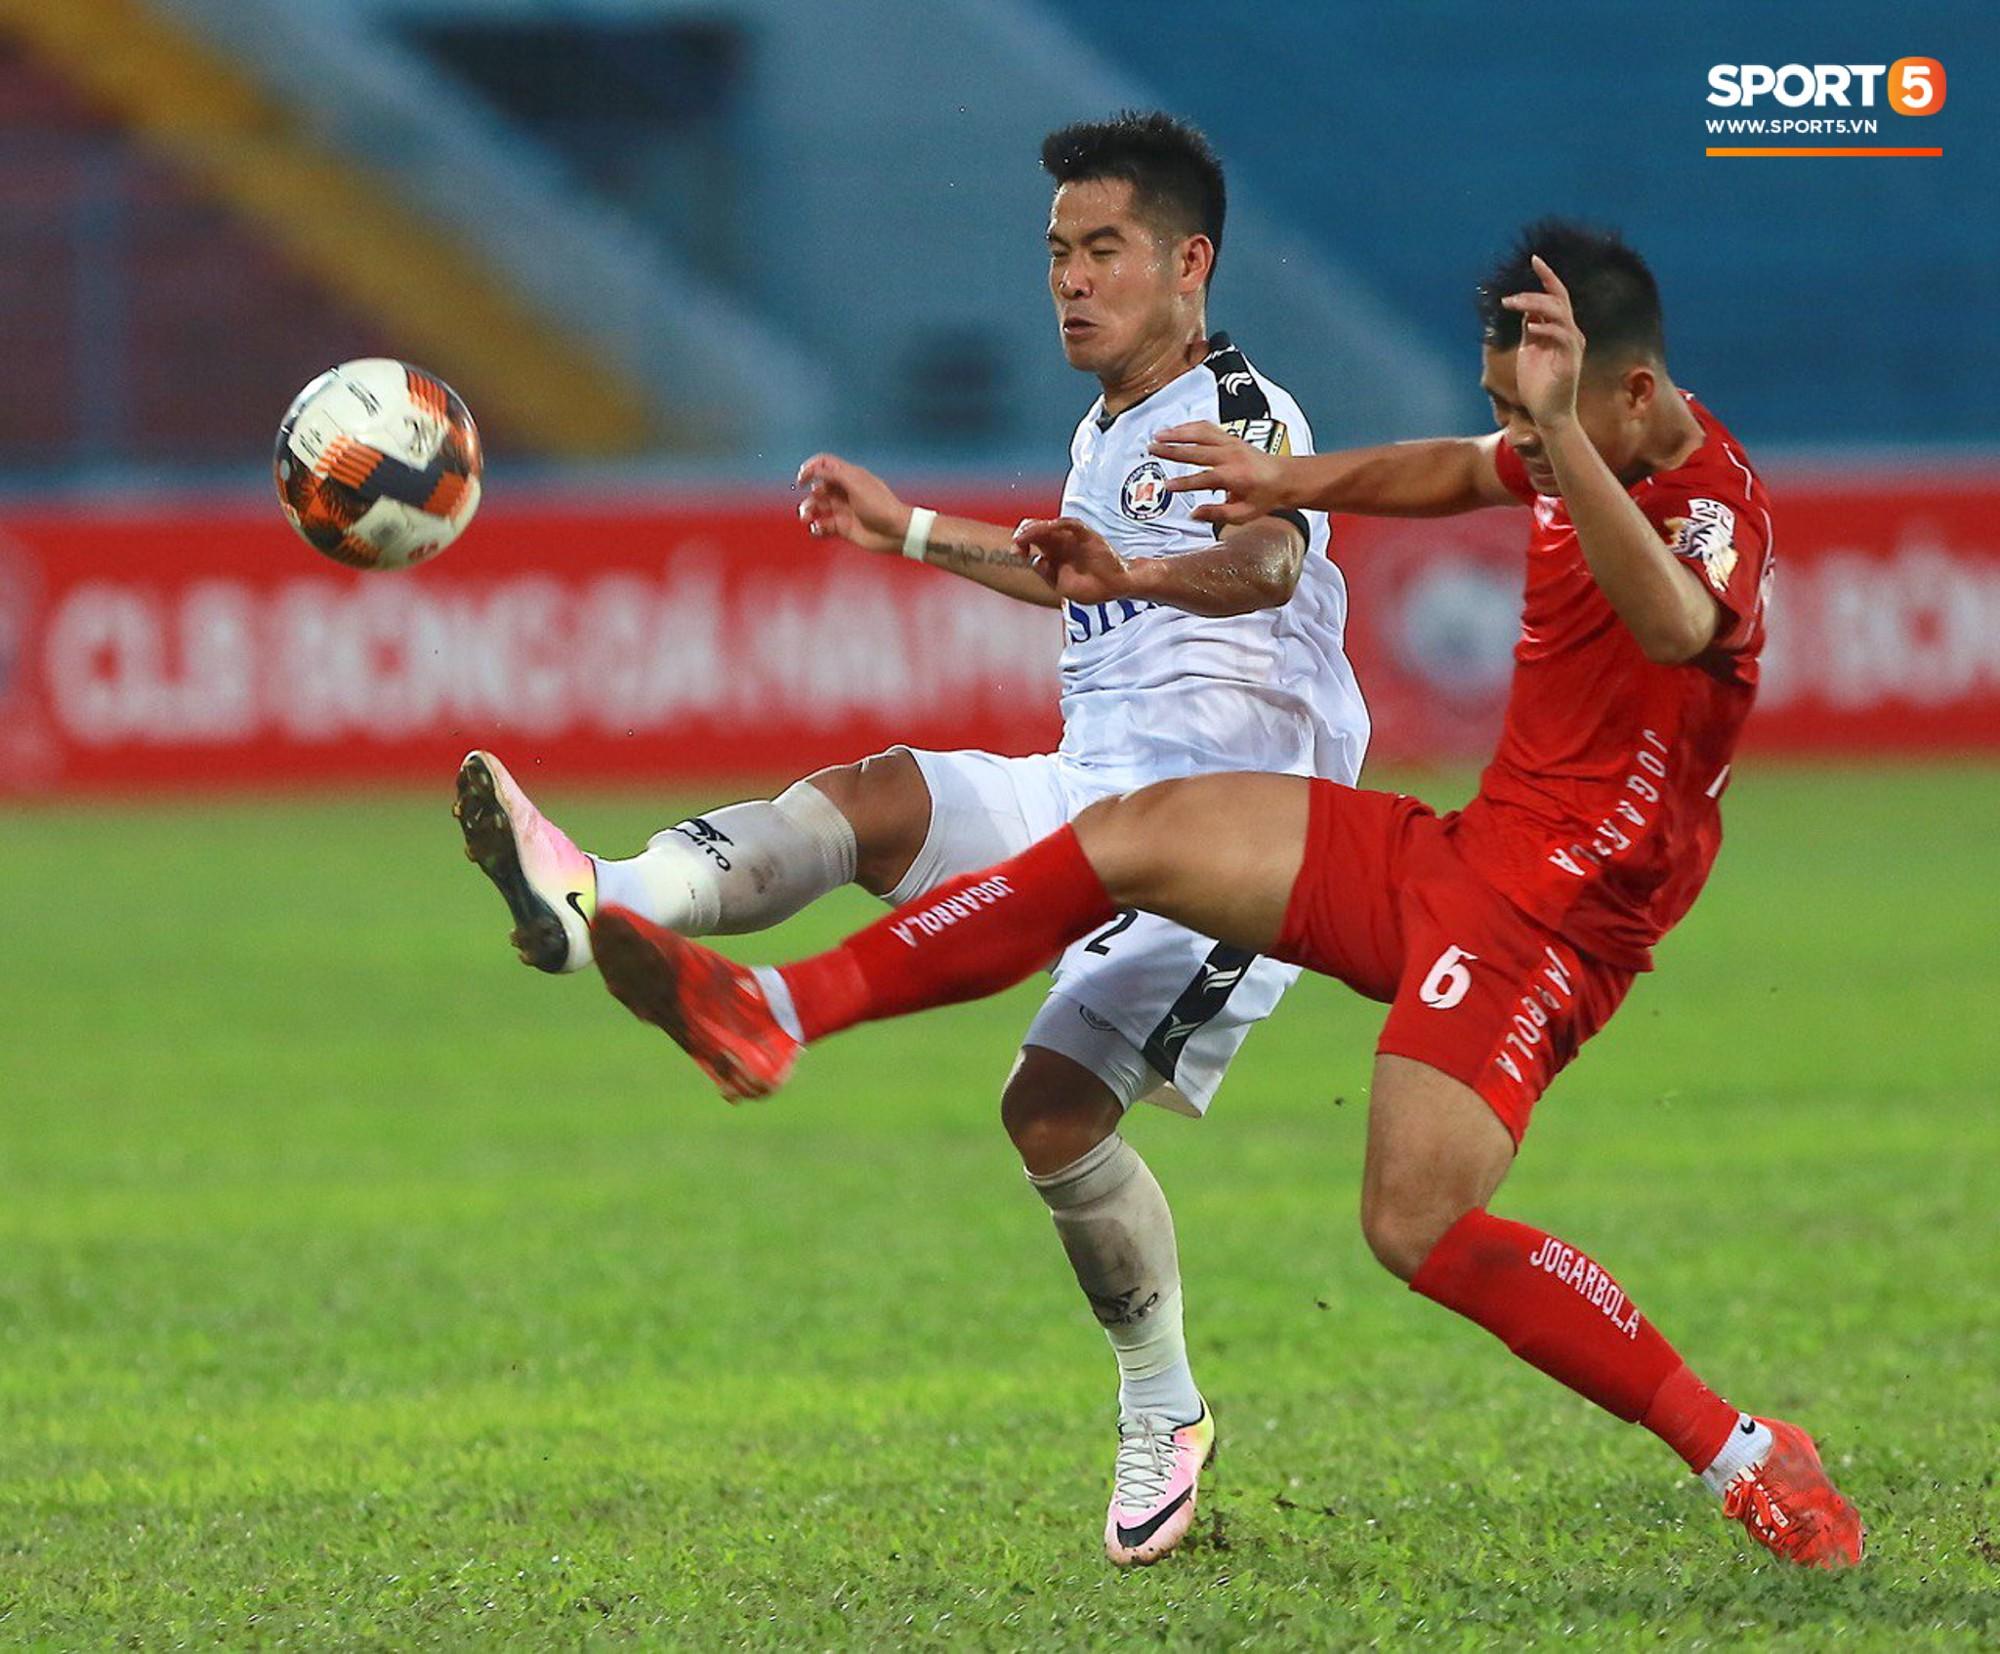 CĐV Hải Phòng quây chặt xe đội khách, quát nạt cầu thủ Đà Nẵng sau trận đấu có 2 thẻ đỏ - Ảnh 3.